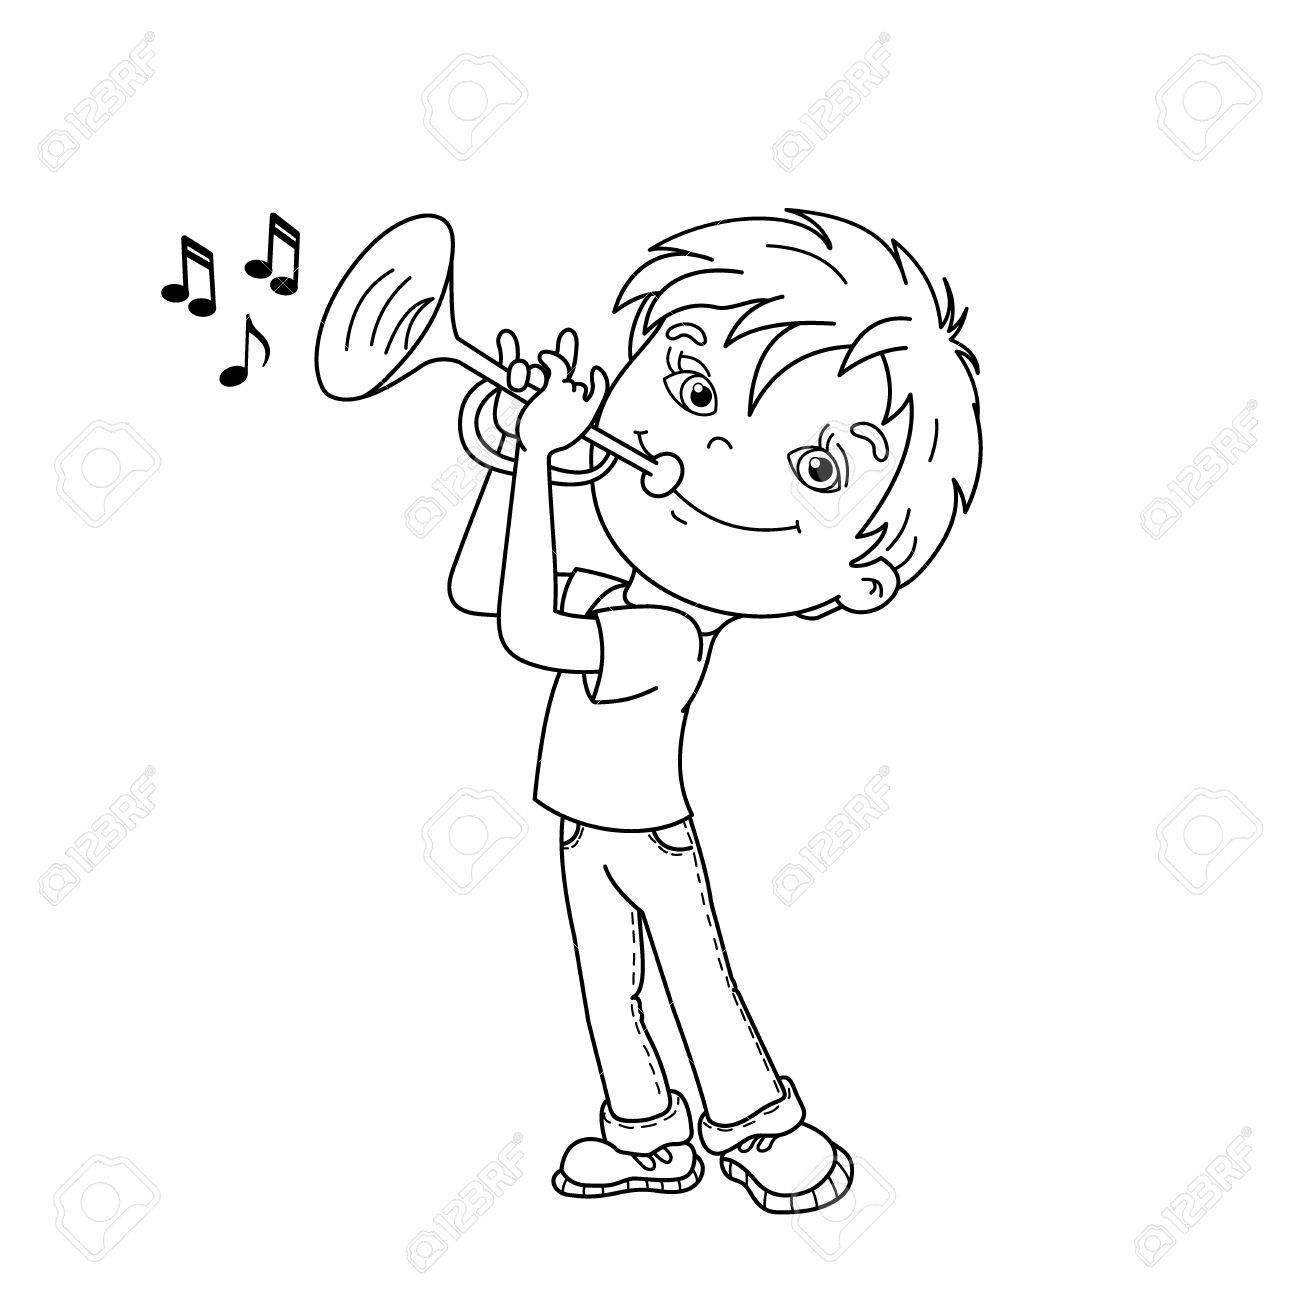 Página Para Colorear Esquema De Niño De Dibujos Animados Tocando La Trompeta Instrumentos Musicales Libro De Colorear Para Niños